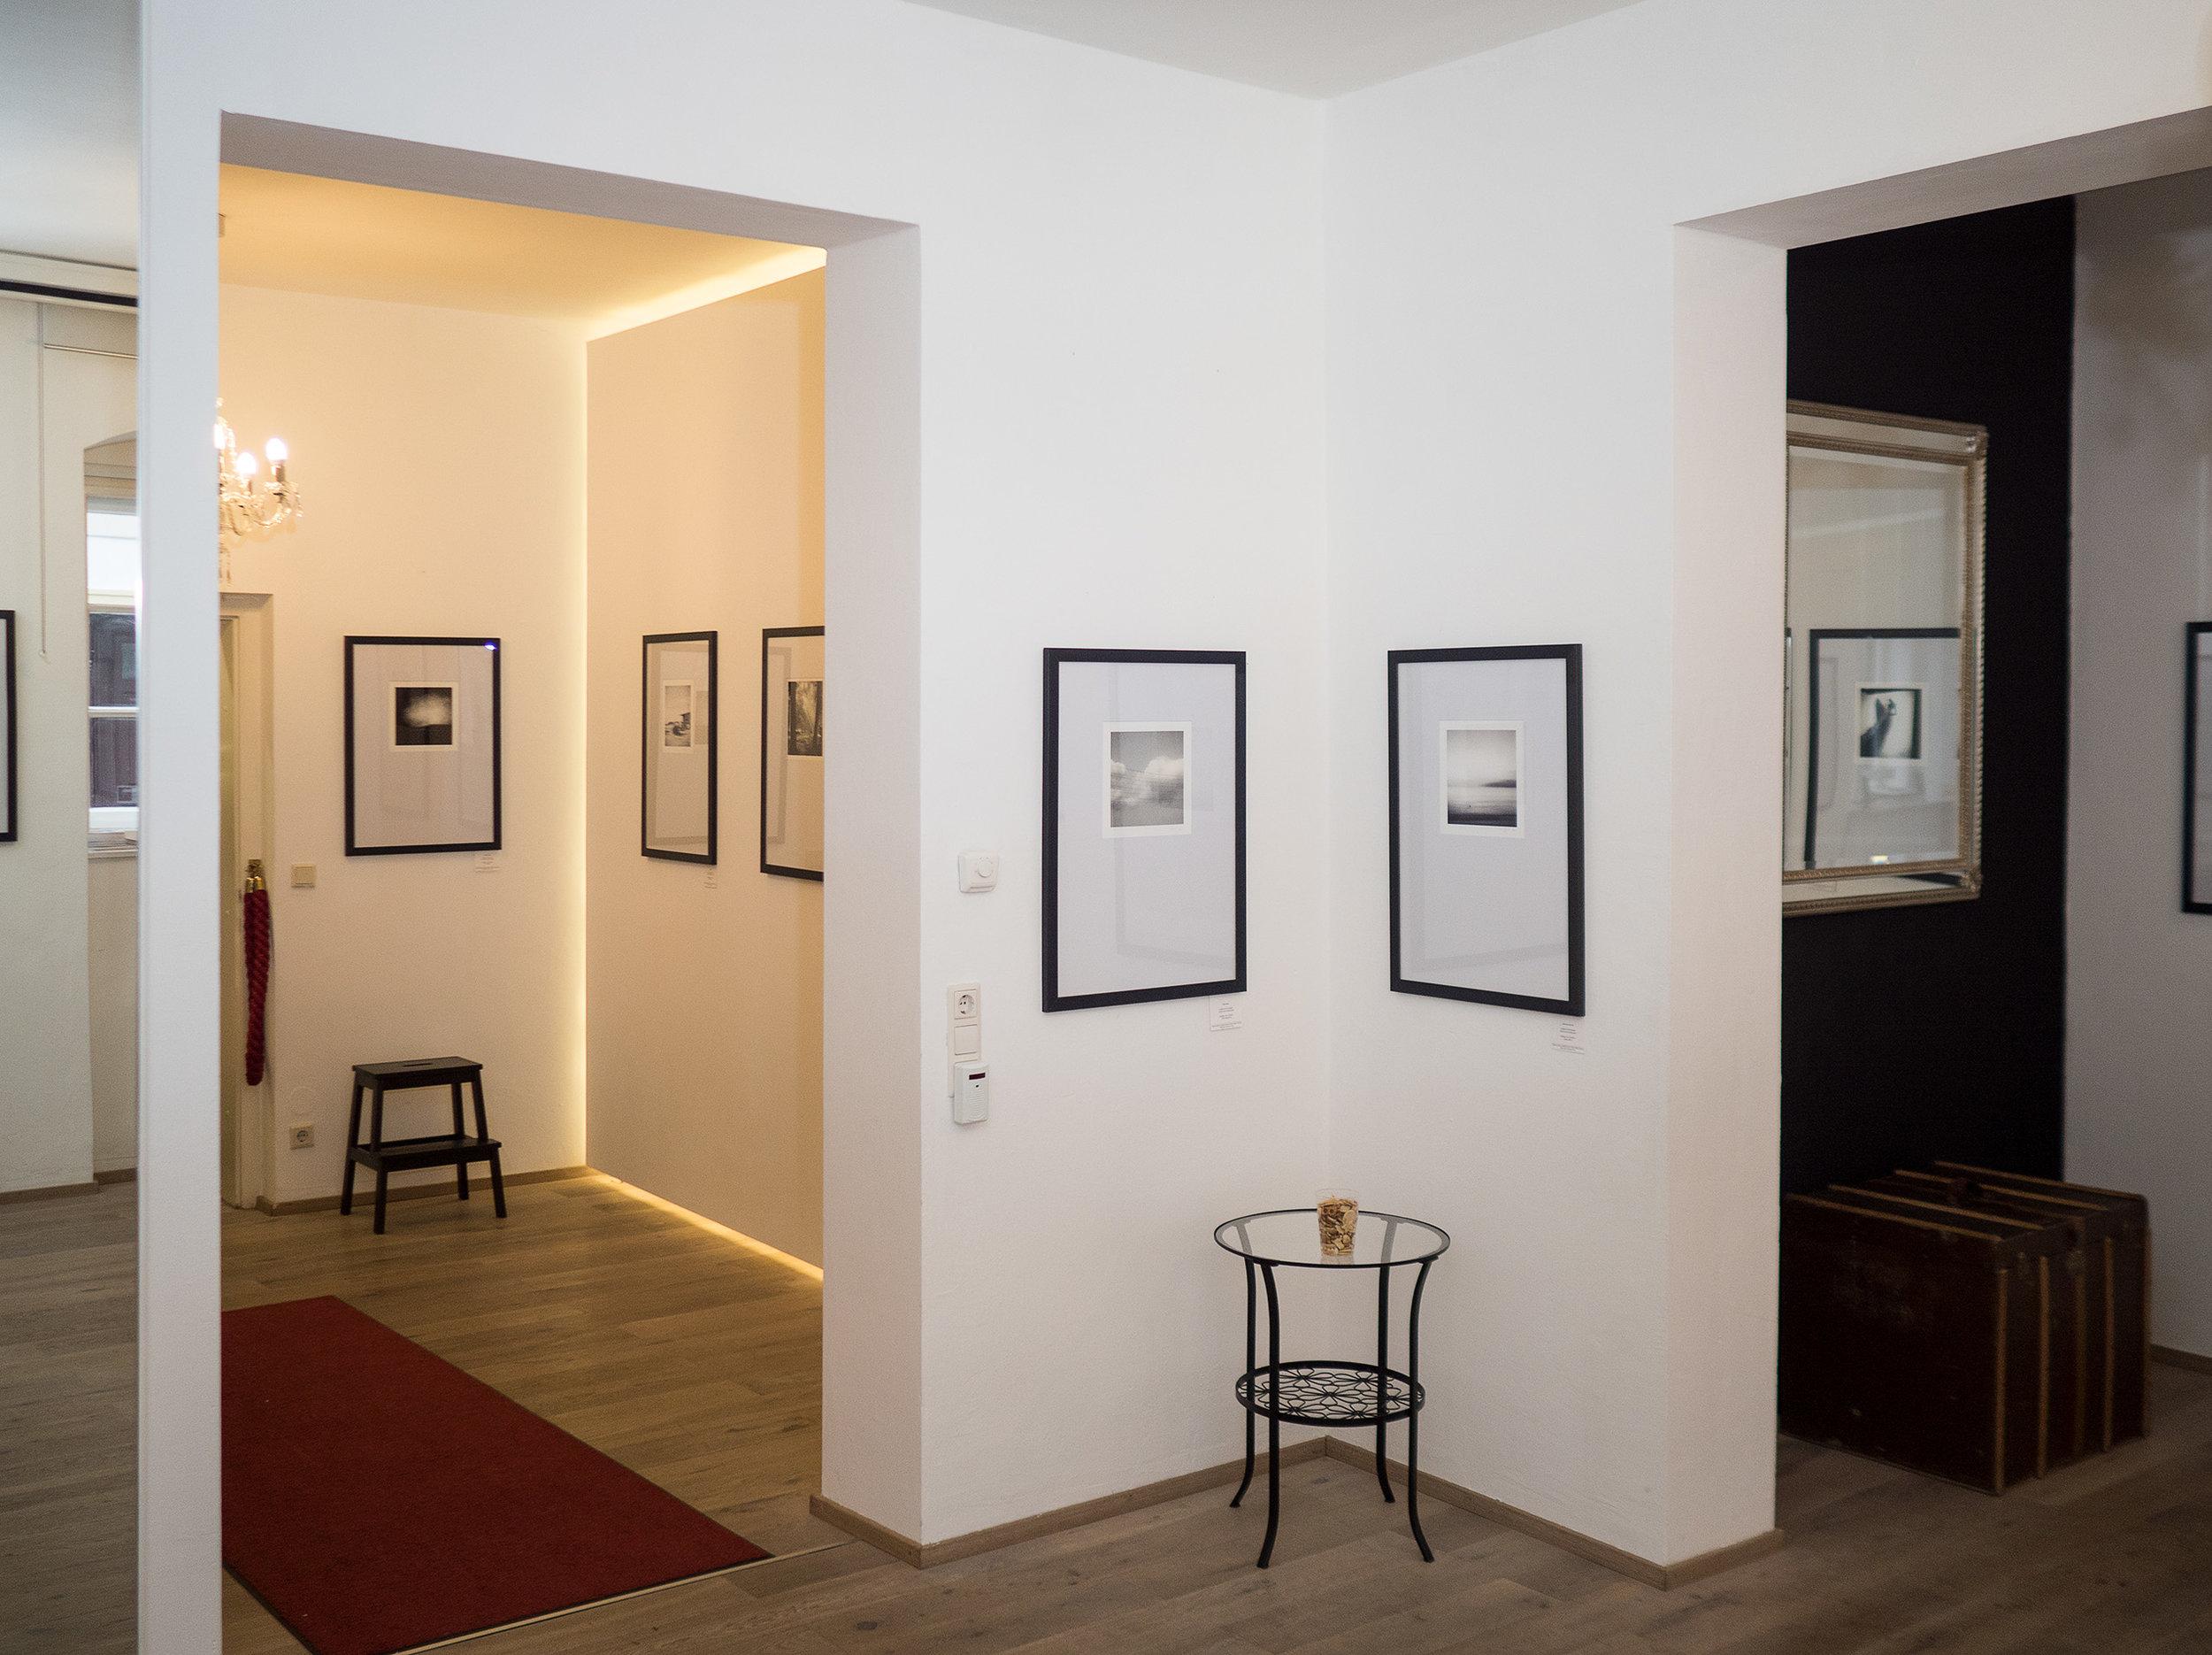 Galerie_LIK_deAngelis031.jpg